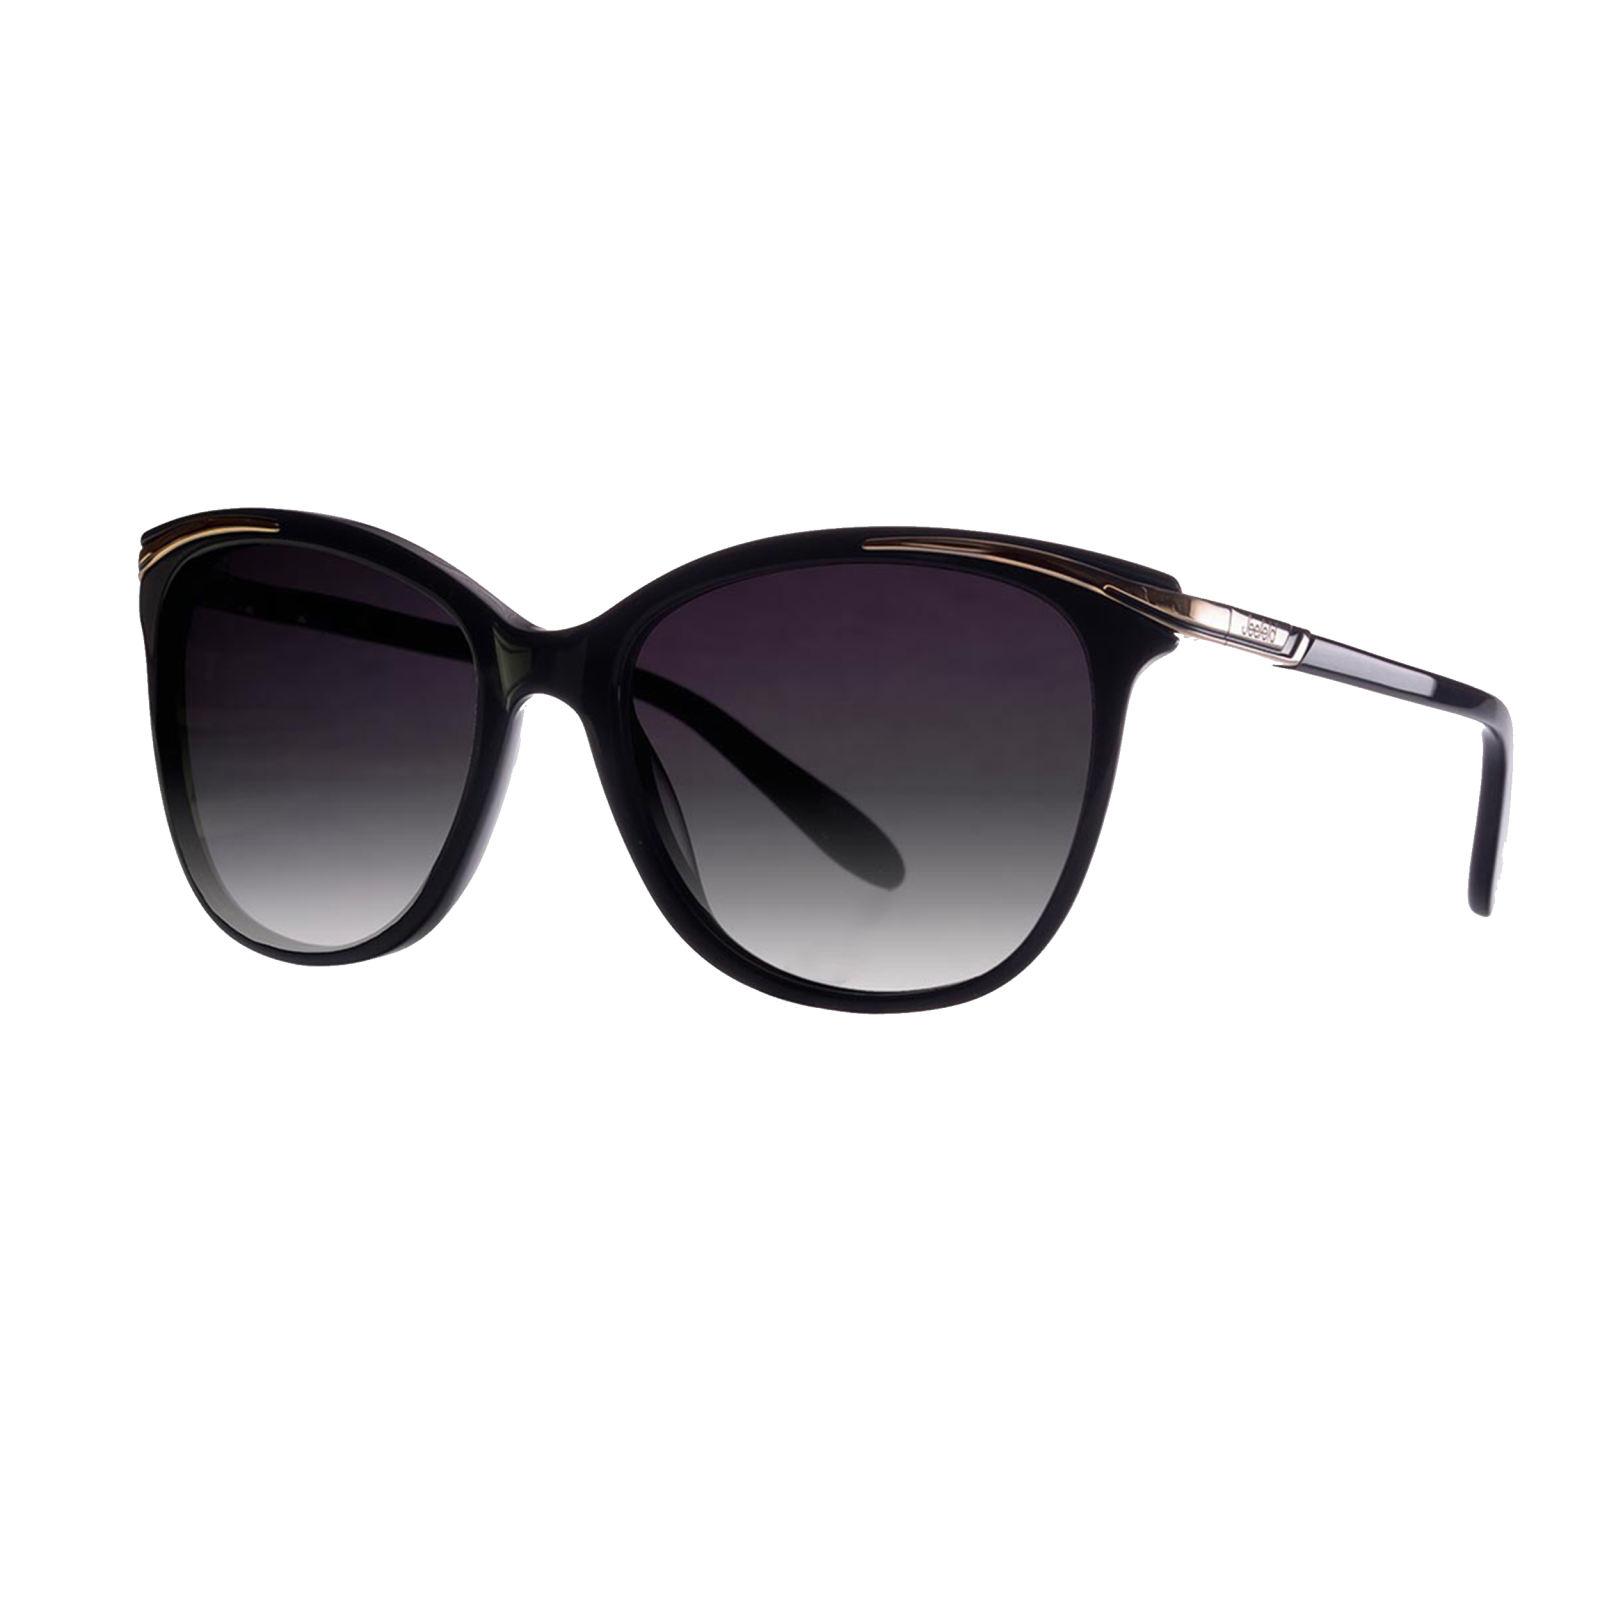 عینک آفتابی زنانه سیفلد مدل دانوب -  - 1